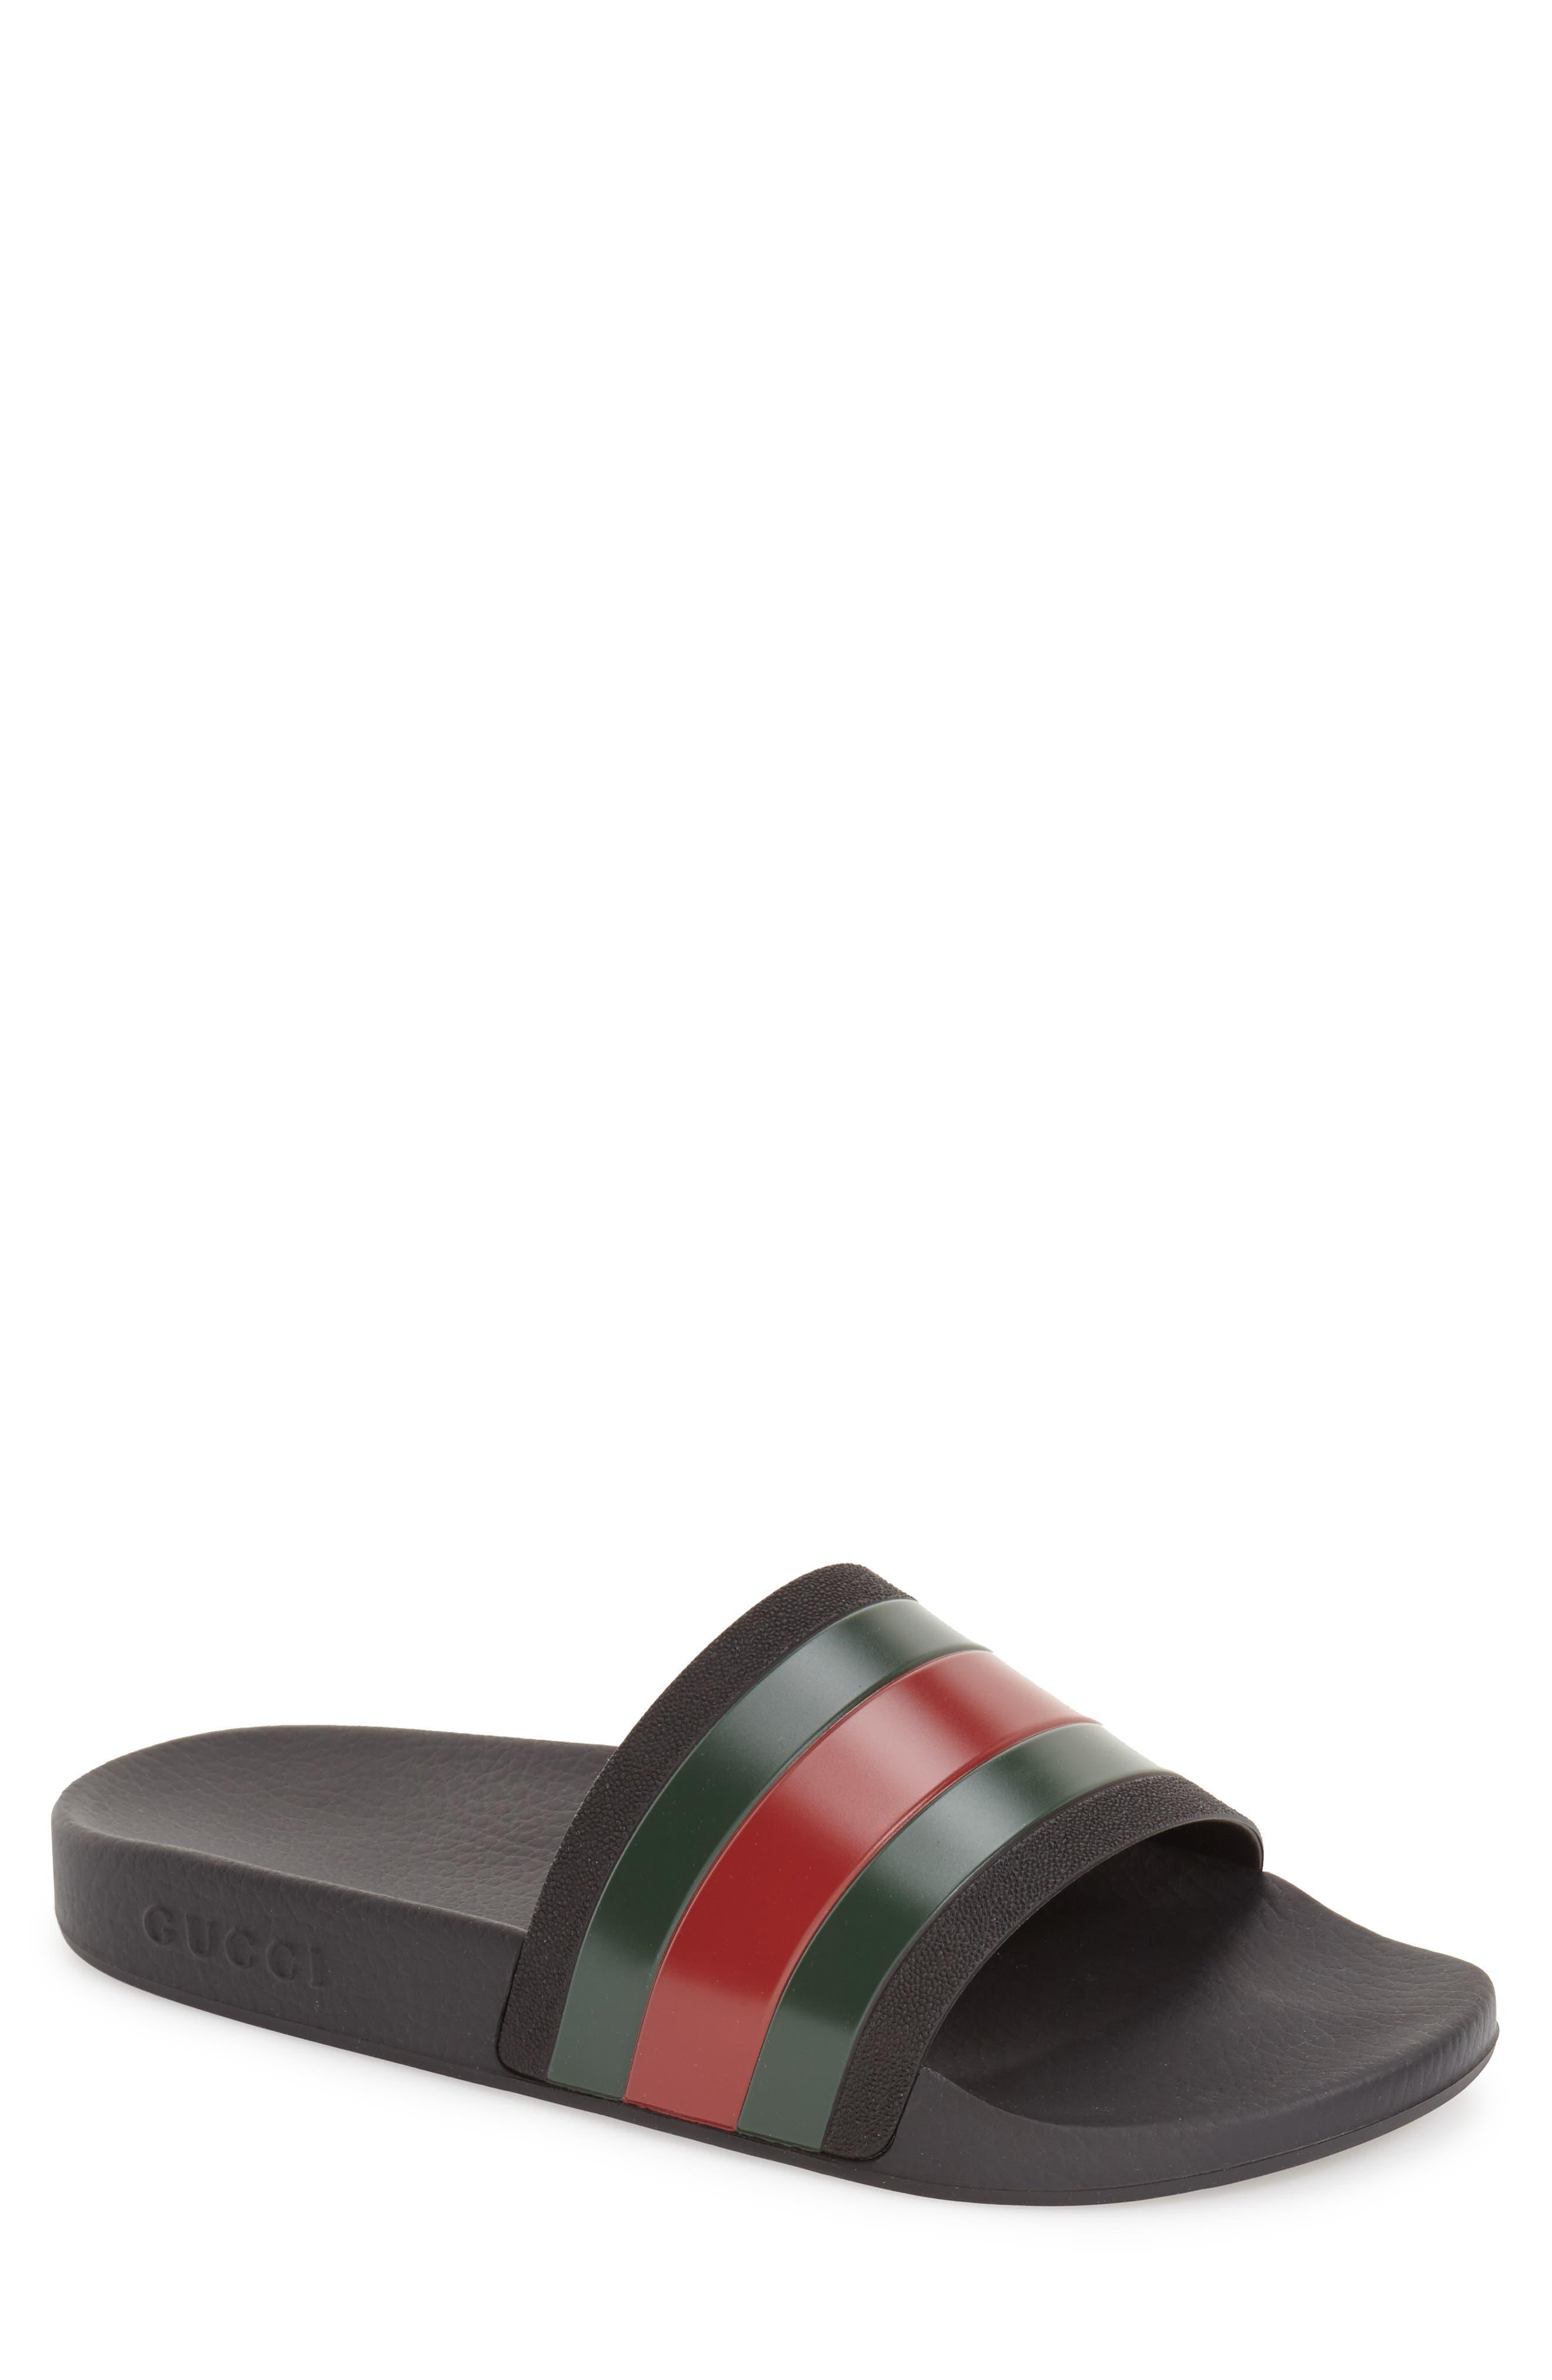 Gucci '72 Sport Slide (Men) | Nordstrom